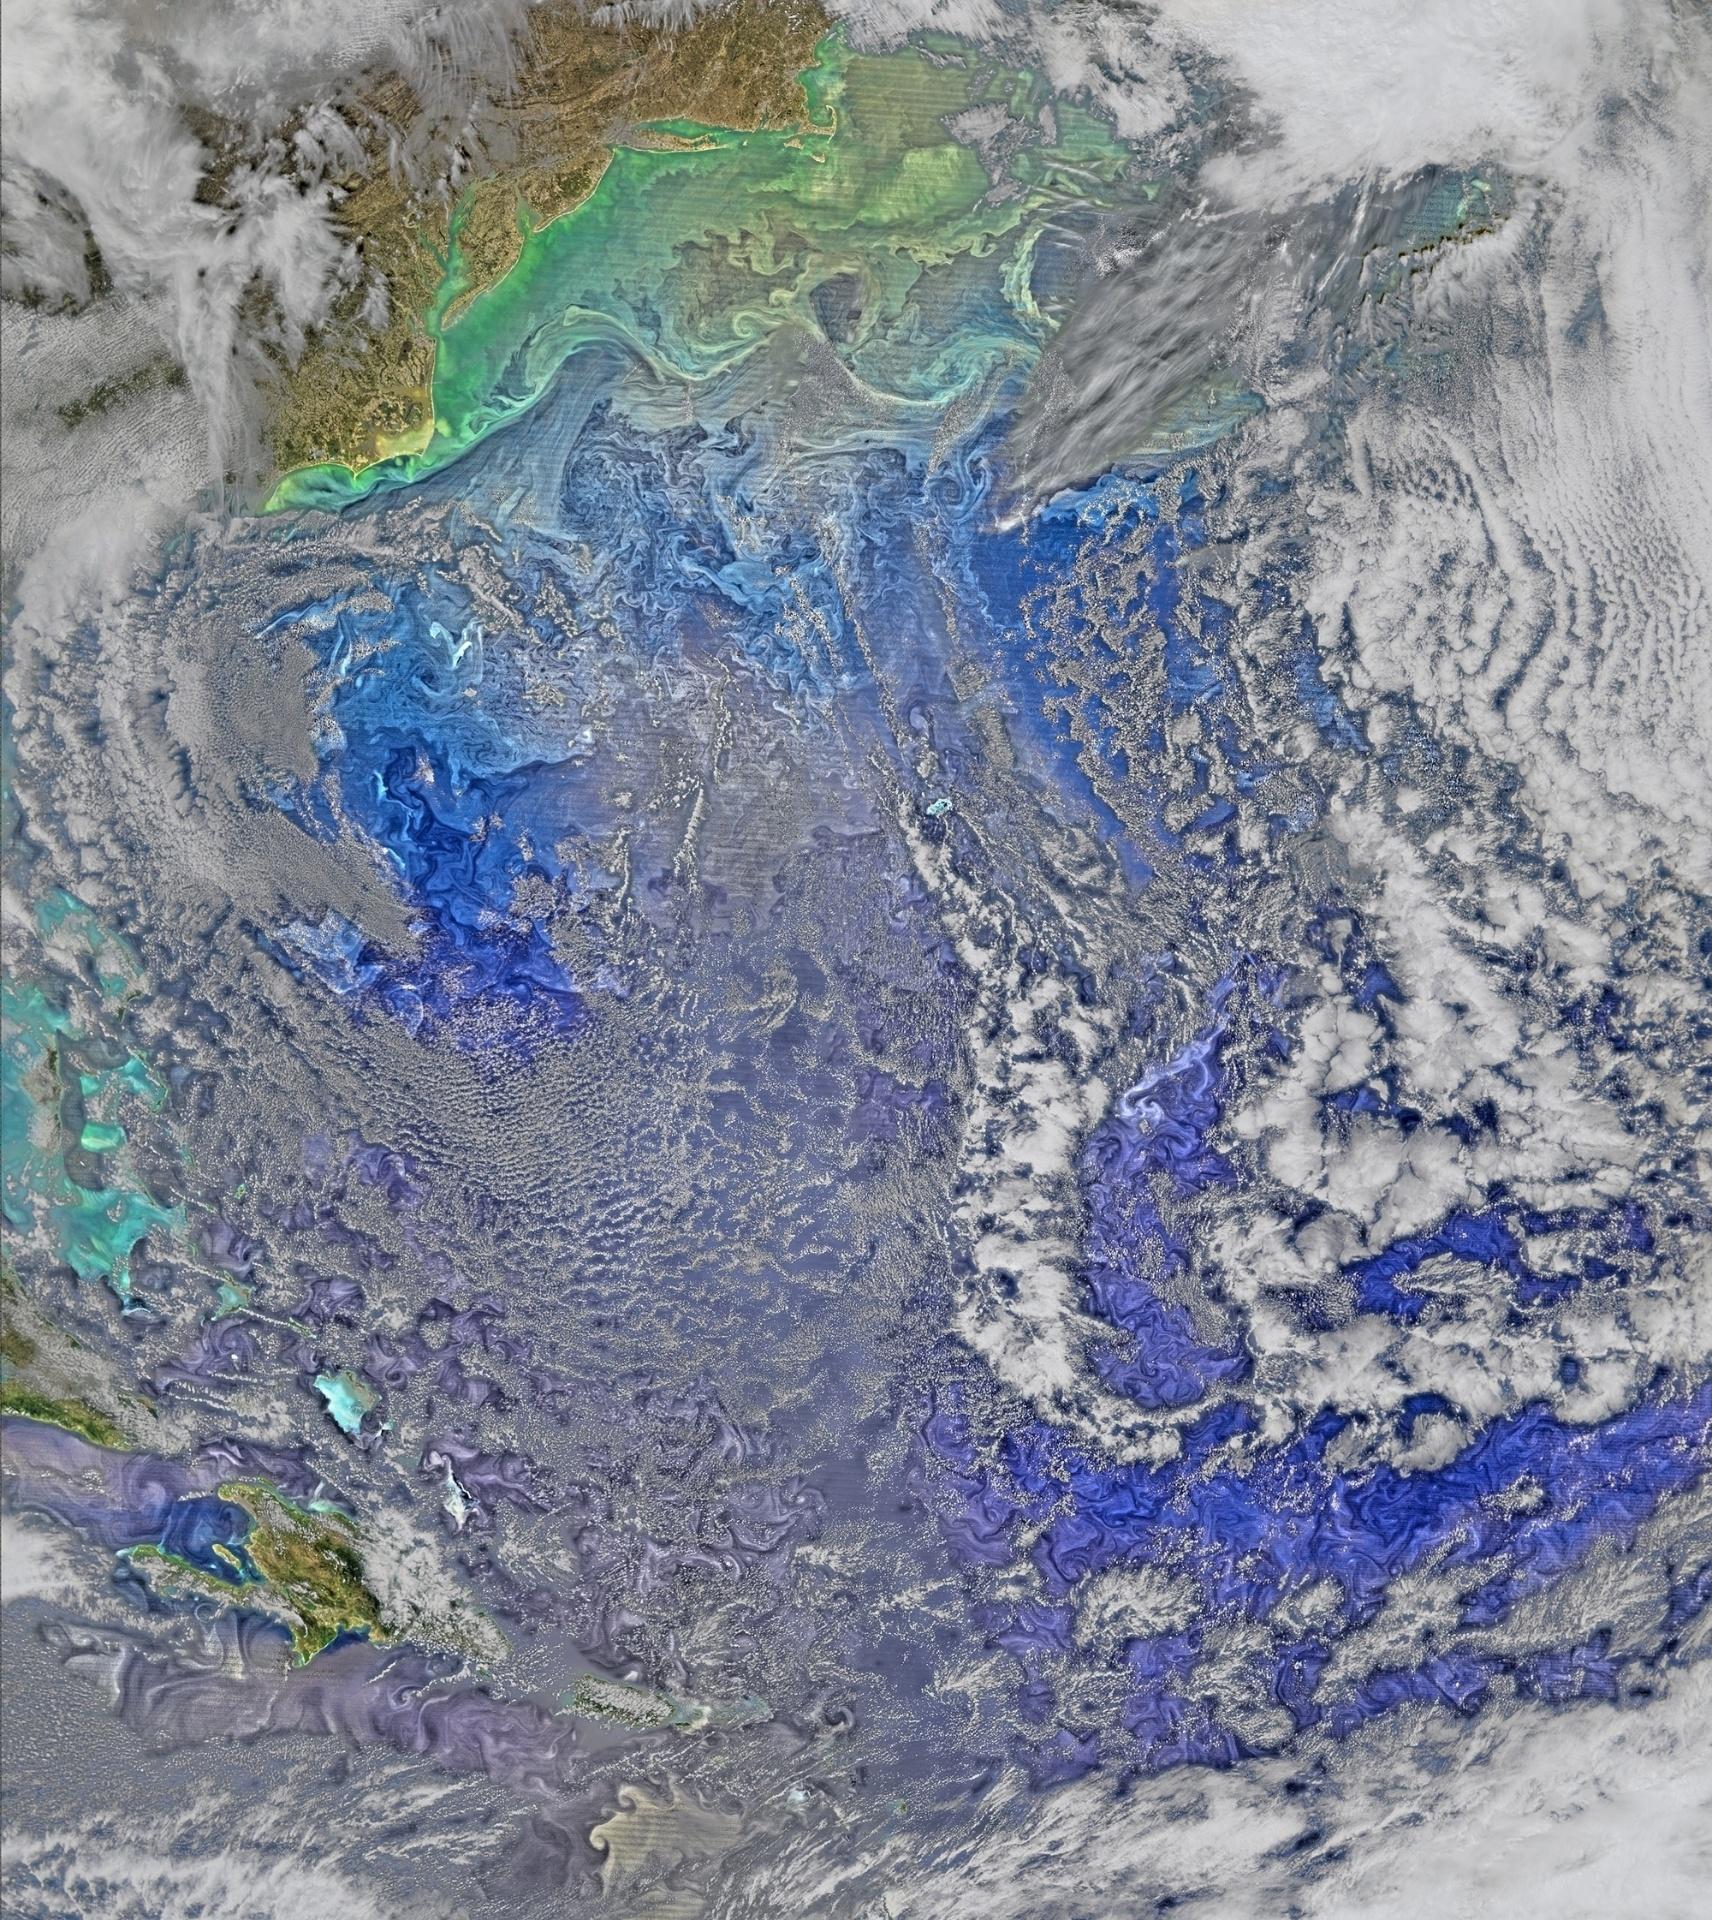 5.abr.2016 - As águas da Corrente do Golfo se encontram com o turbulento Oceano Atlântico, nesta imagem feita por um satélite da Nasa (Agência Espacial Norte-Americana) no dia 9 de março e divulgada nesta terça-feira (5)